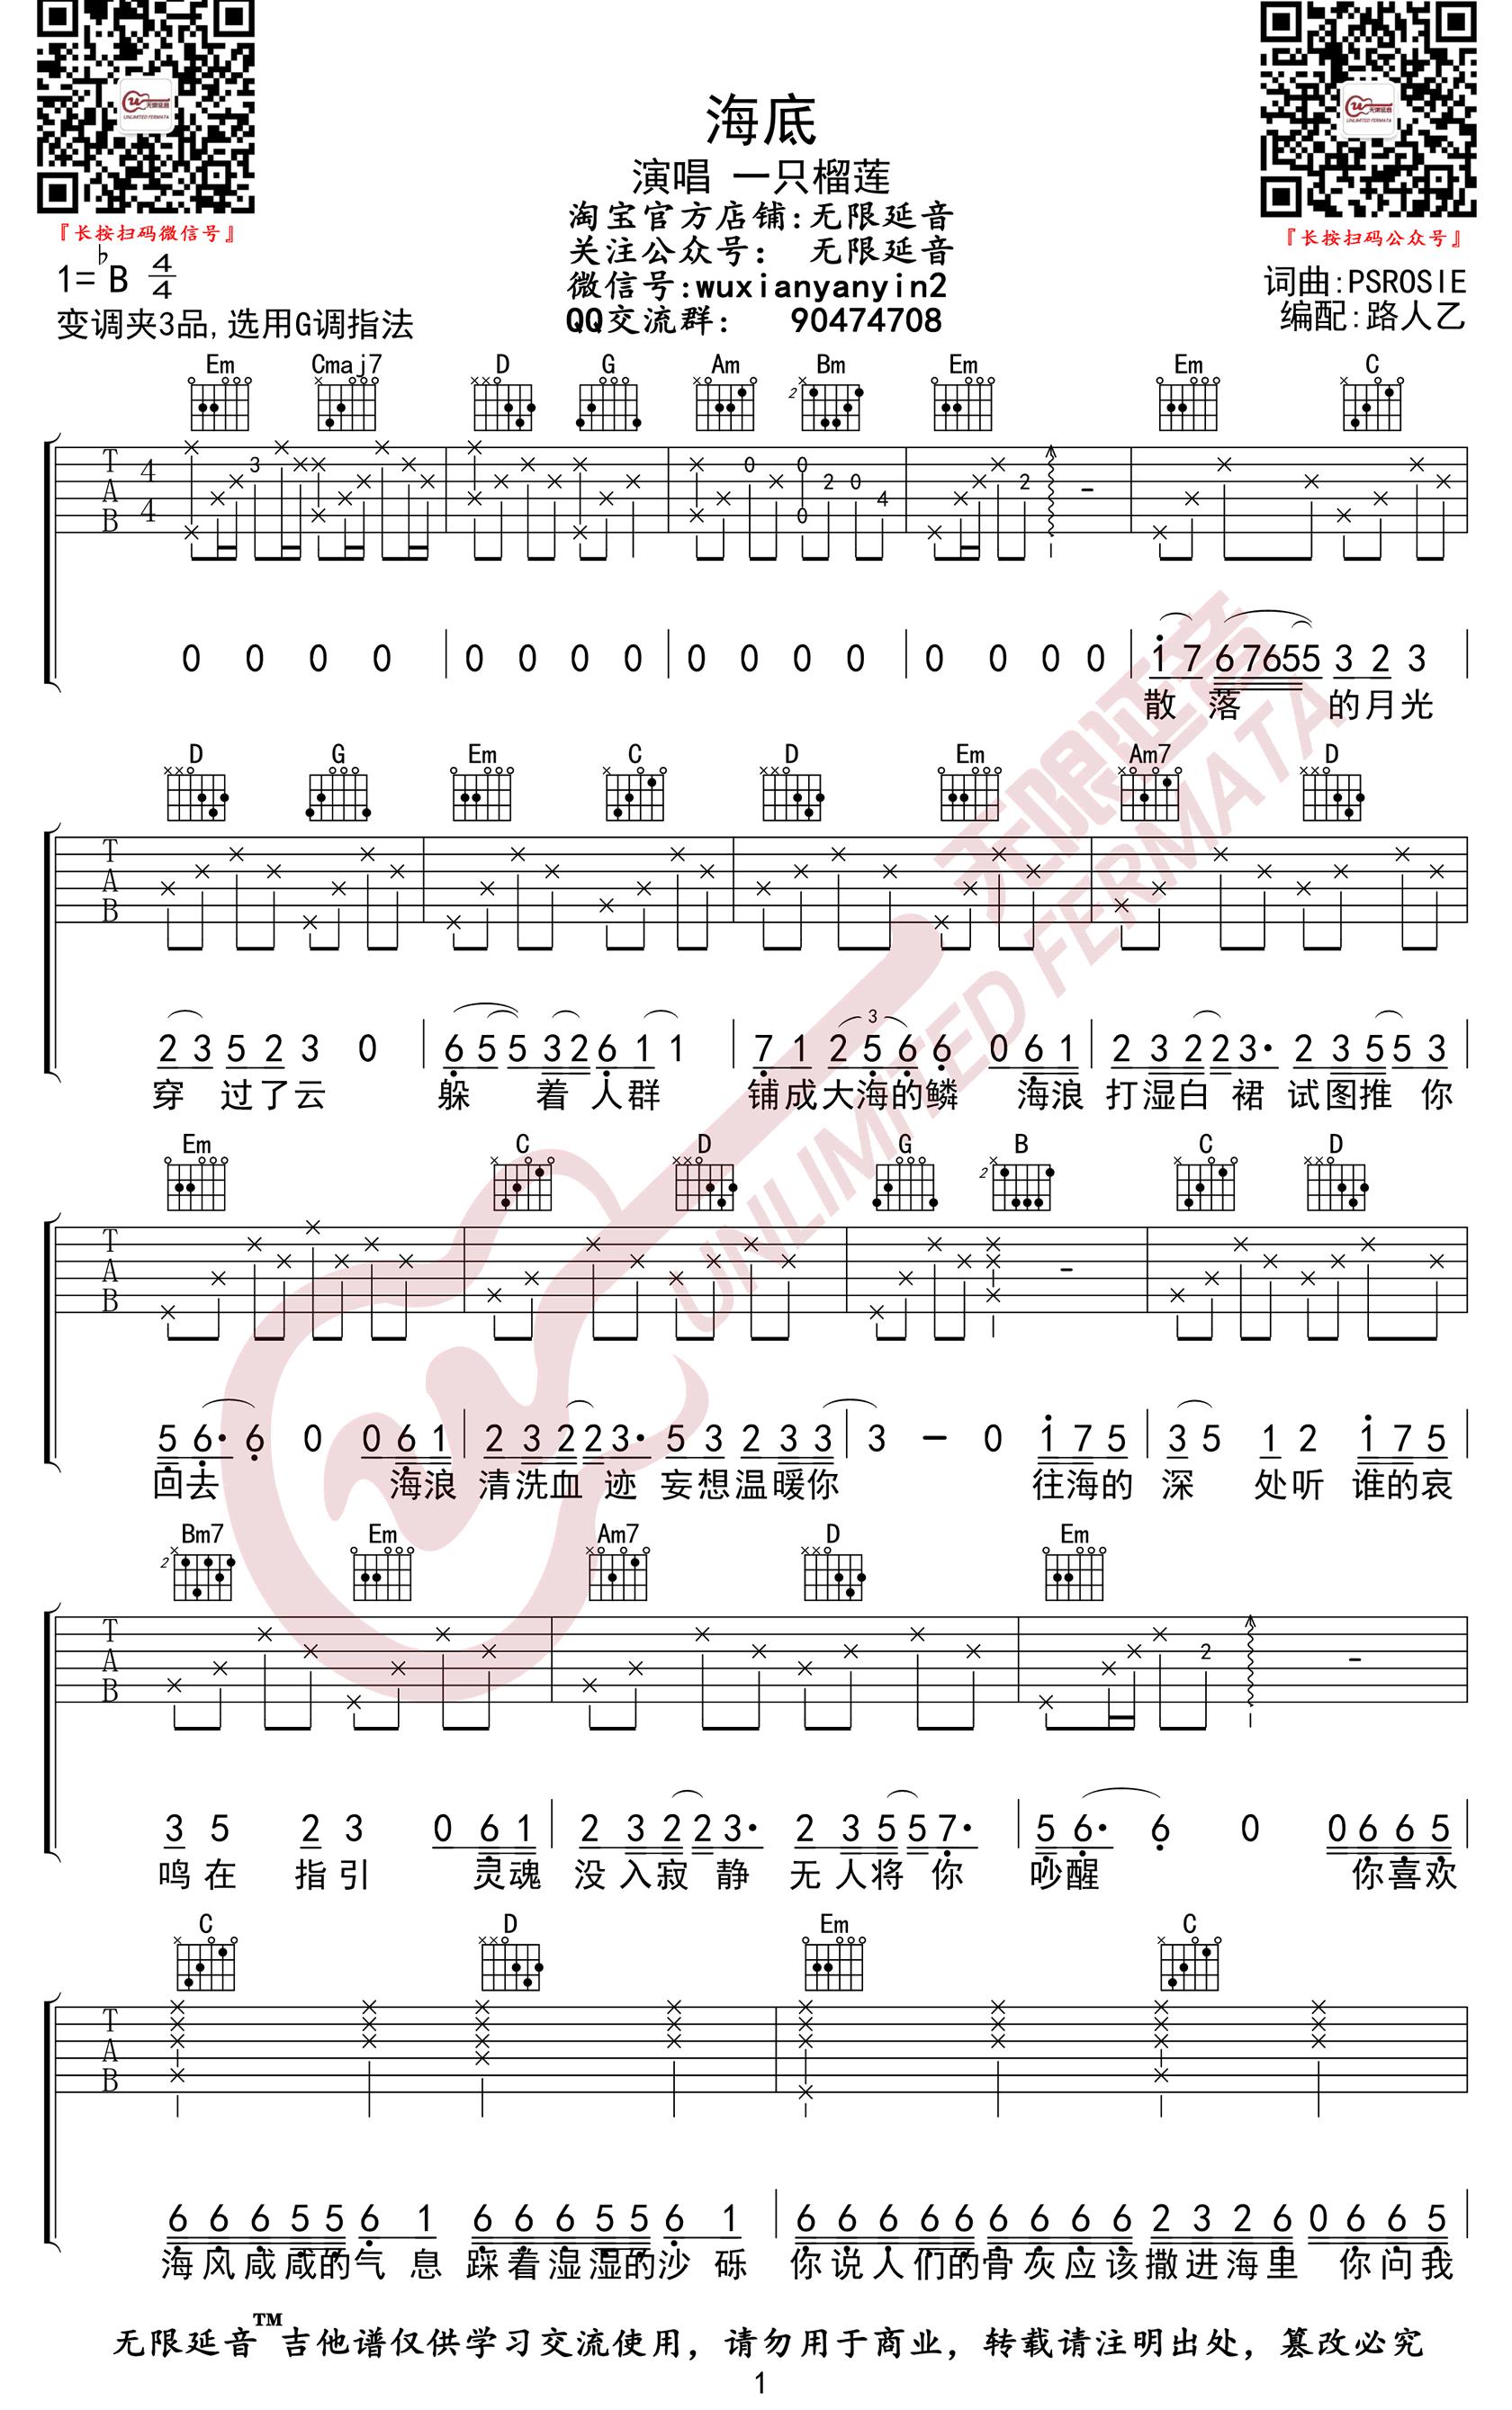 吉他派《海底》吉他谱-1